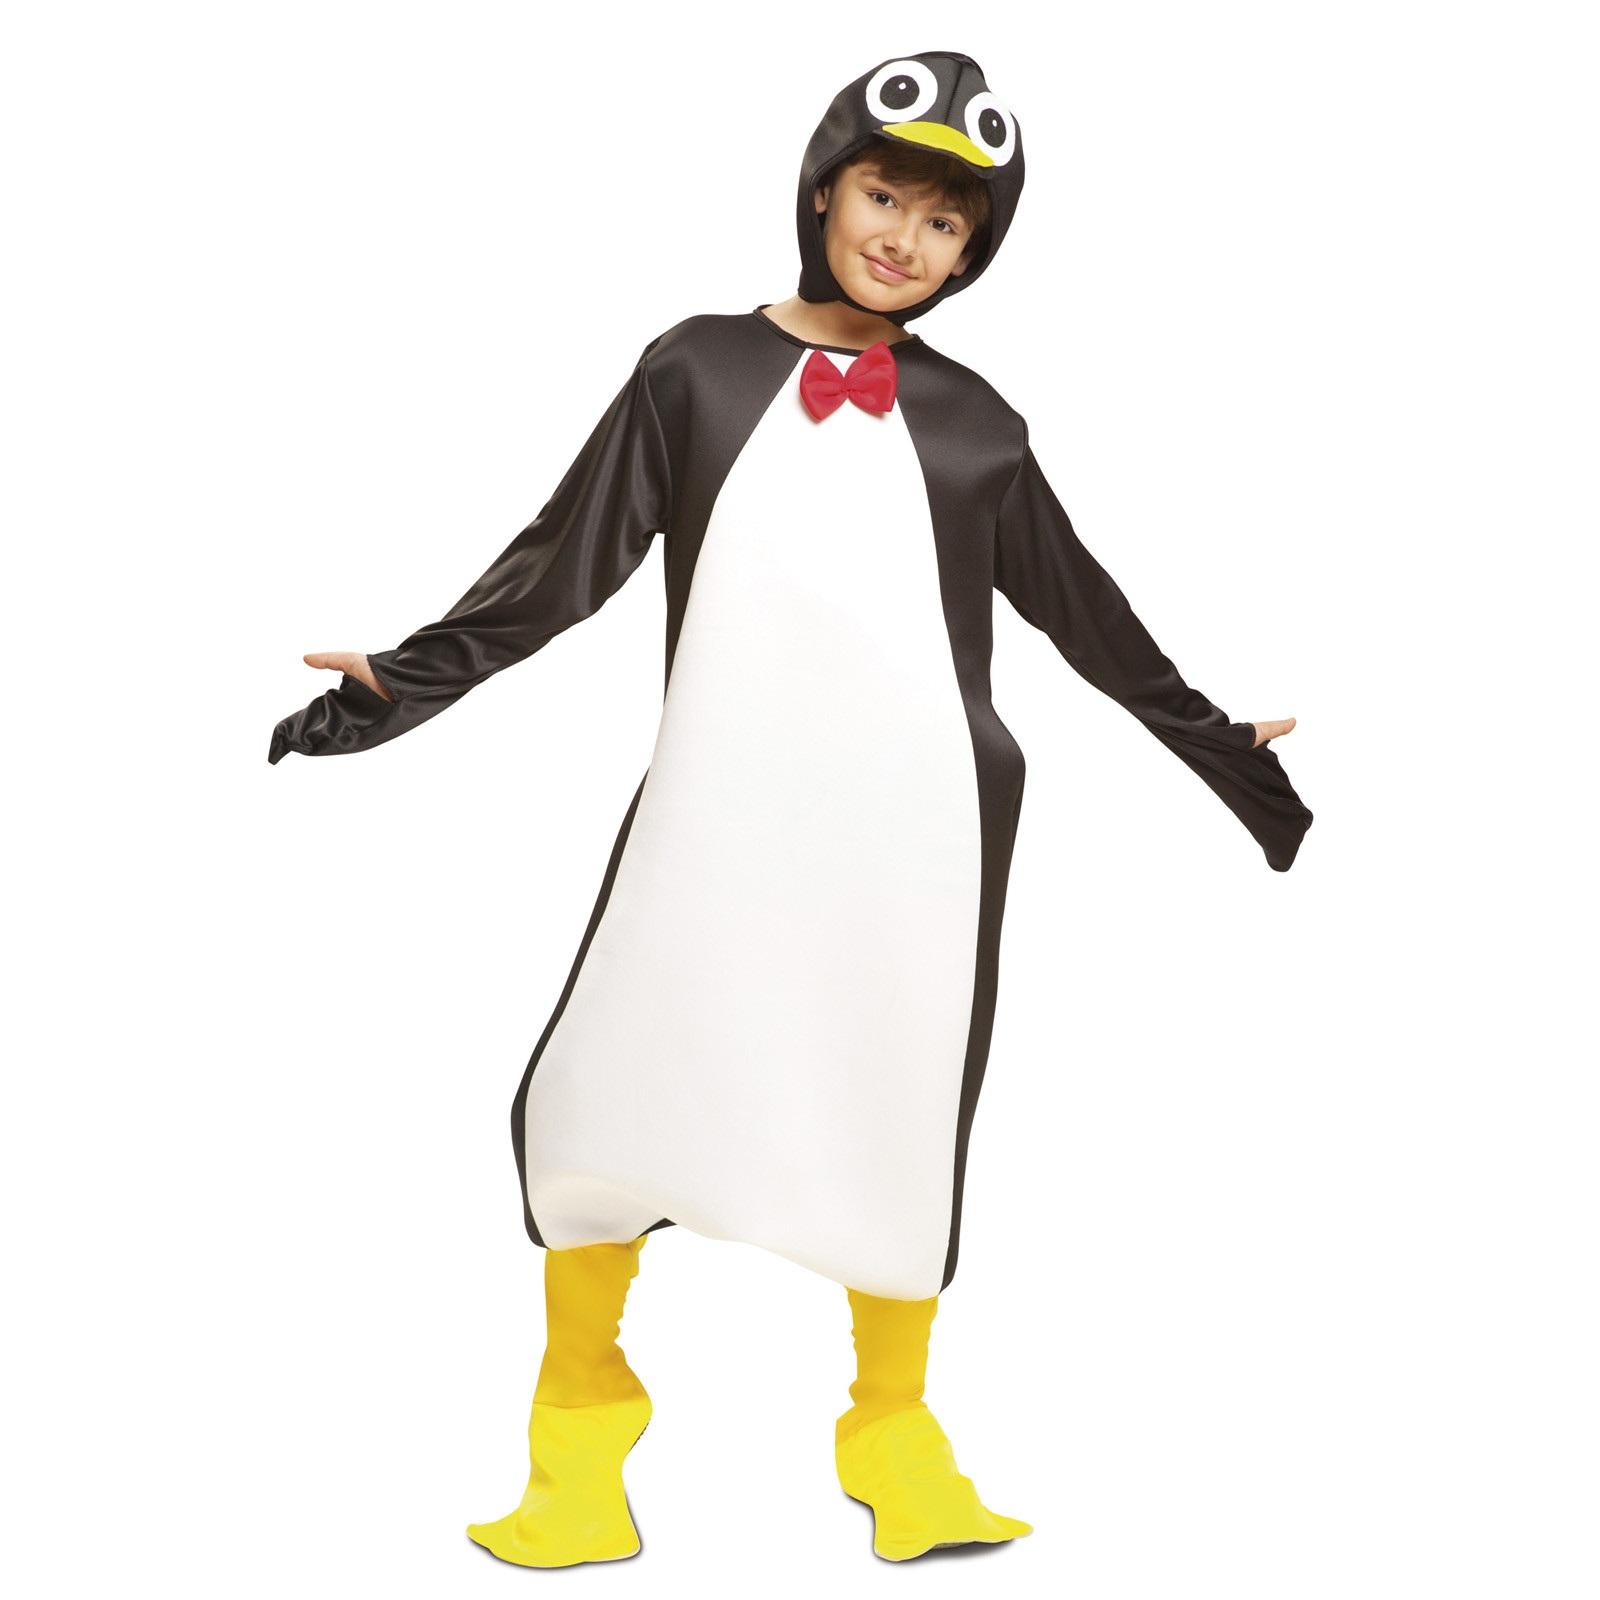 disfraz de pingüino niño 201286mom - DISFRAZ DE PINGÜINO INFANTIL